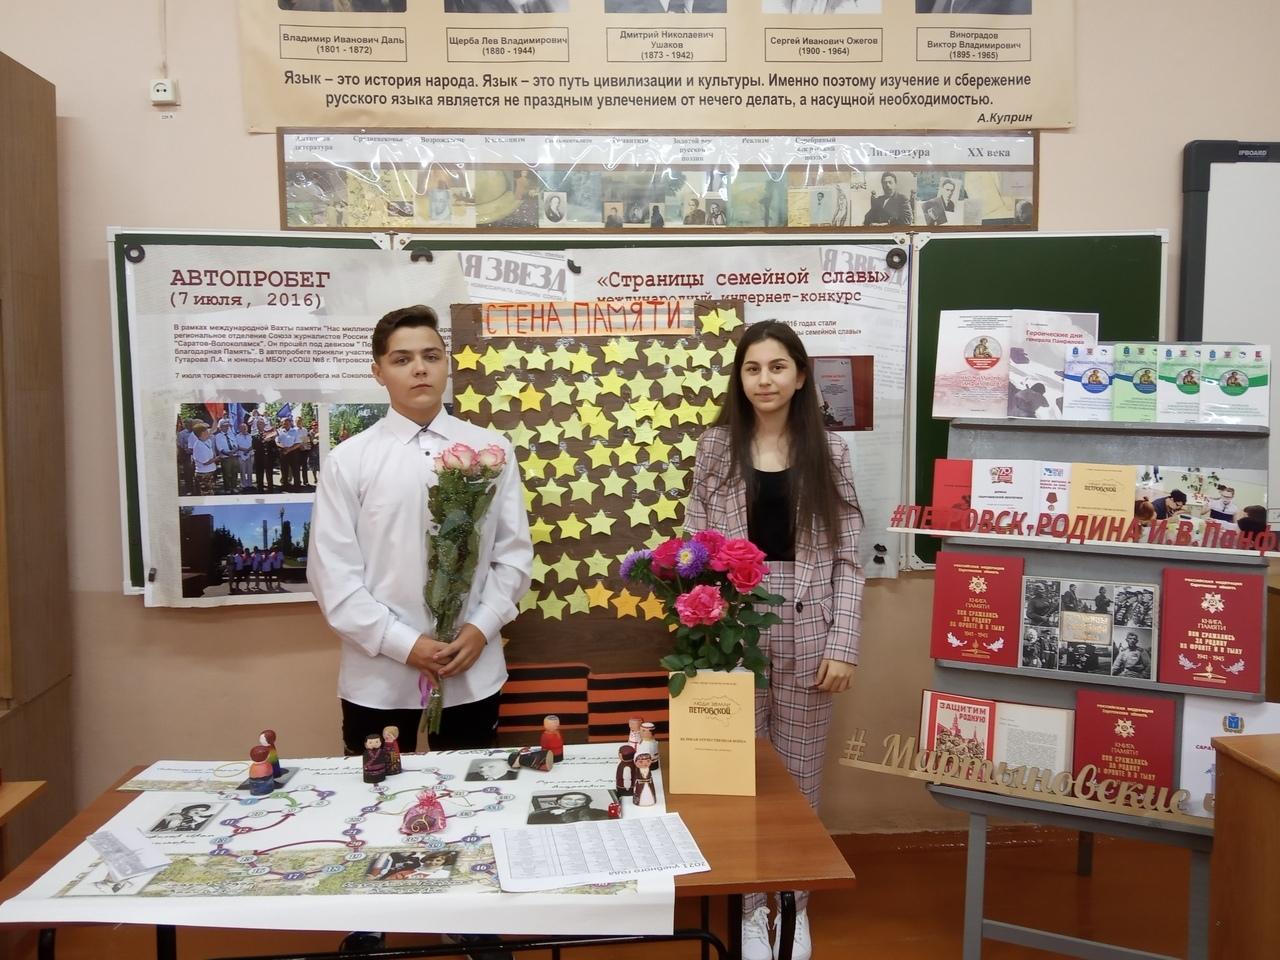 Петровские школьники участвуют в патриотических мероприятиях